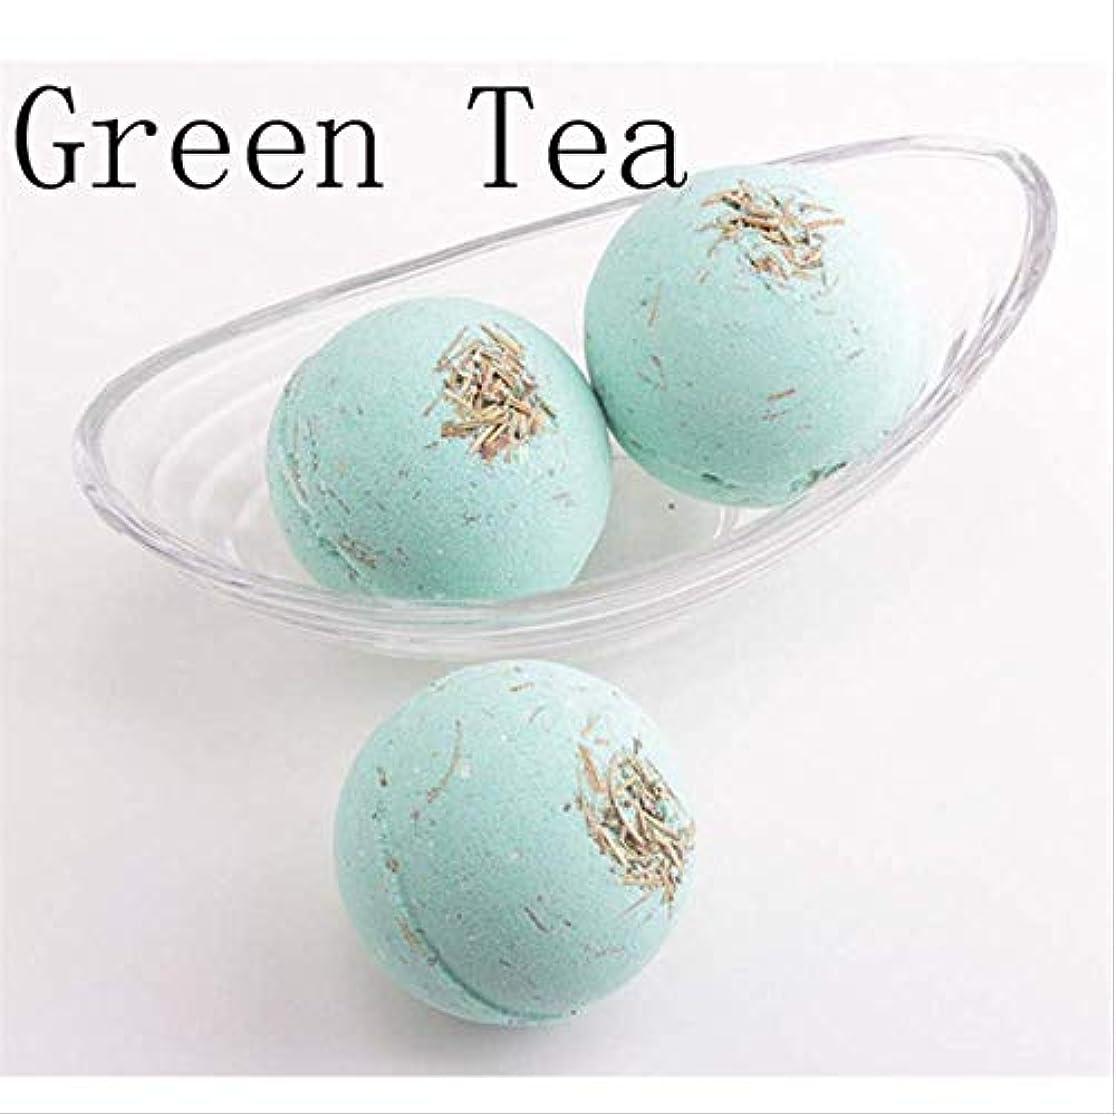 排泄物嫉妬アジャ1 バスソルトバスボールナチュラルバブル 緑茶